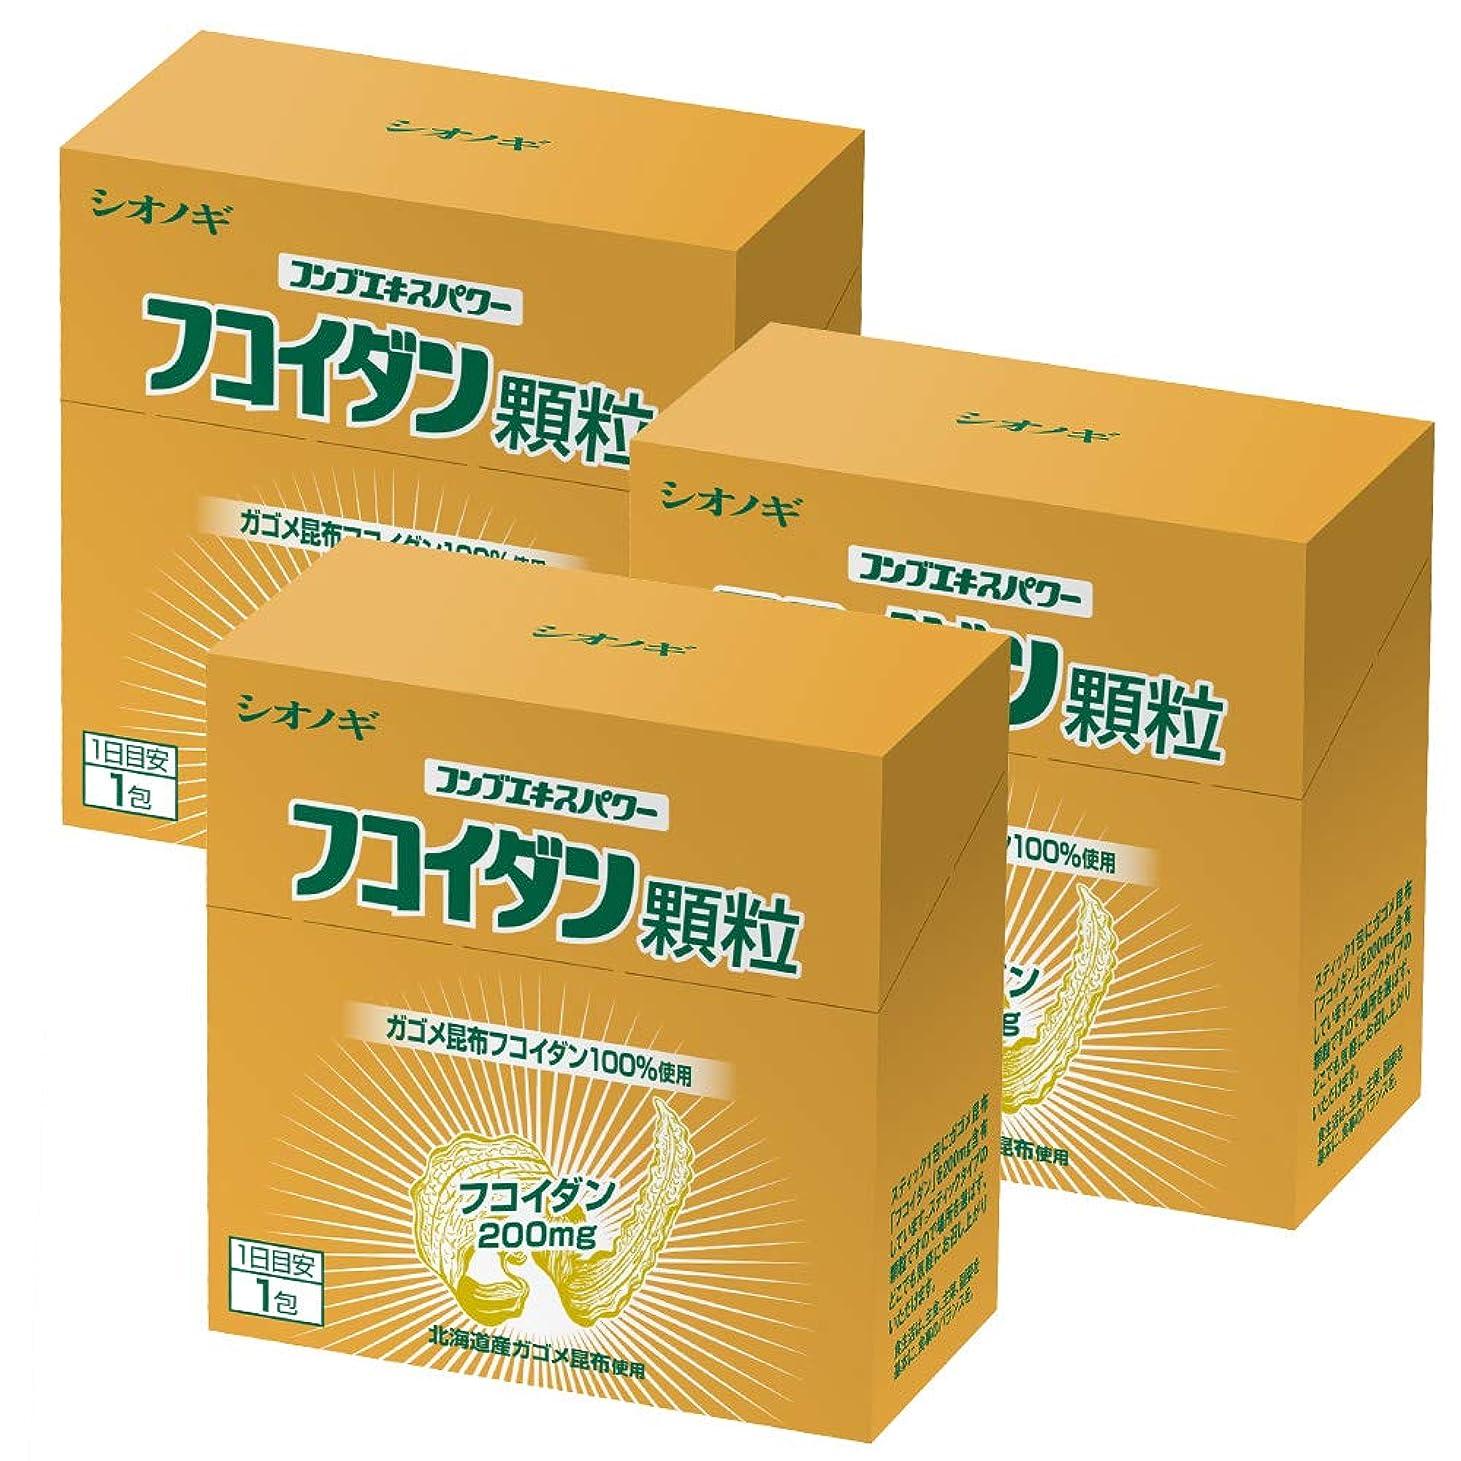 適度に反響する小川フコイダン顆粒200 <1.5g×30包入り(1日の目安:1包)>×3箱セット